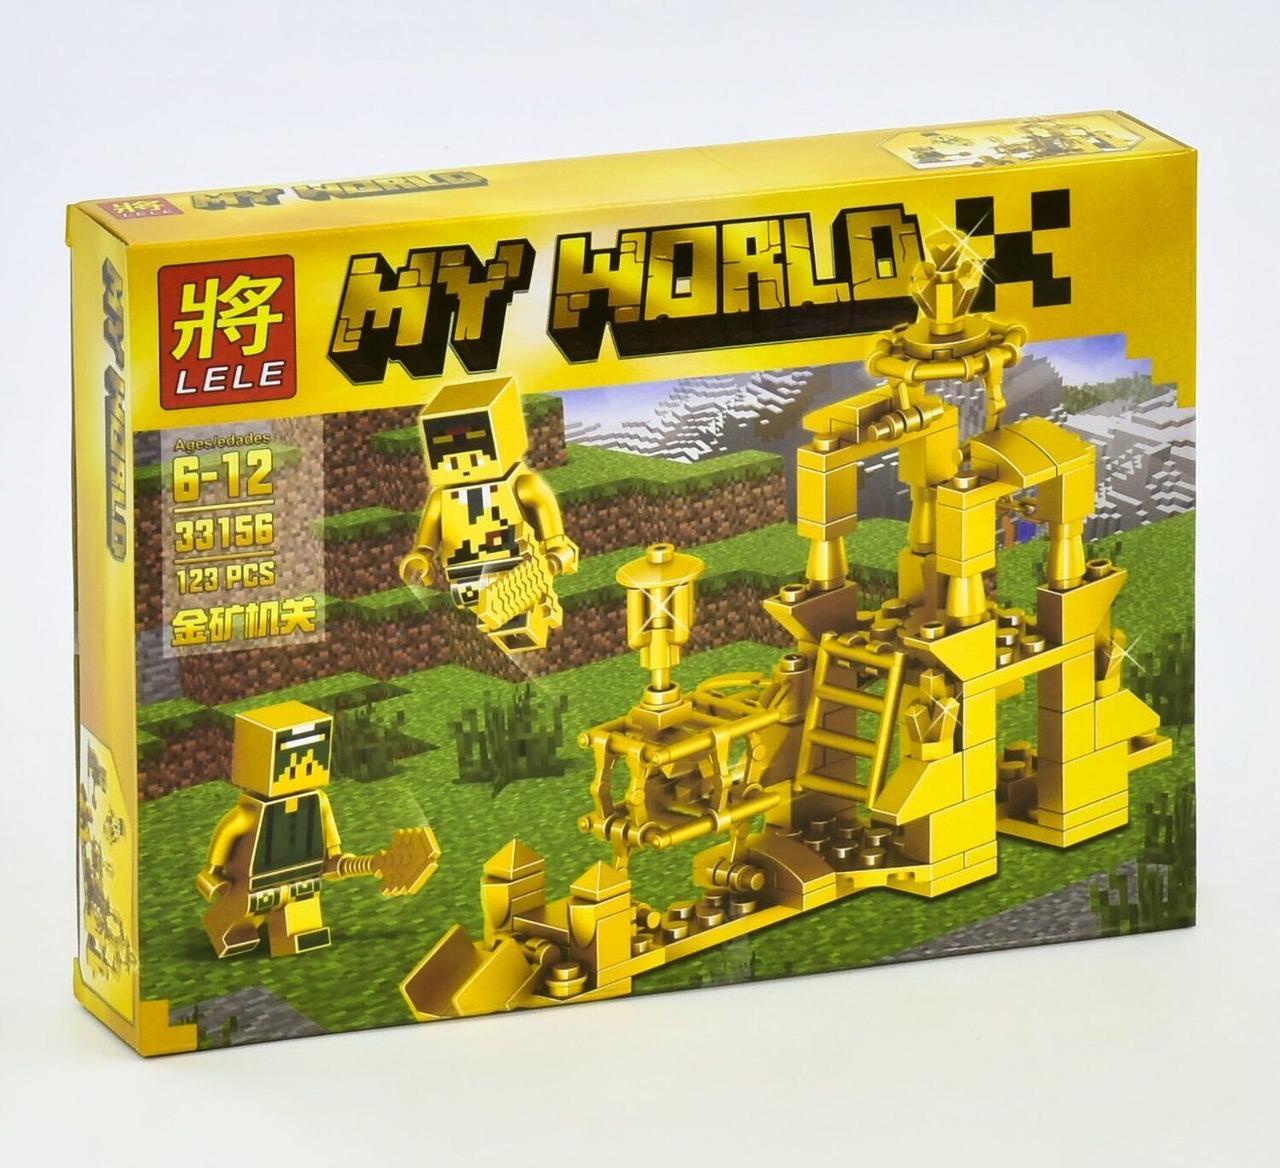 Конструктор Lele My World 33156 123 детали, Золотая серия